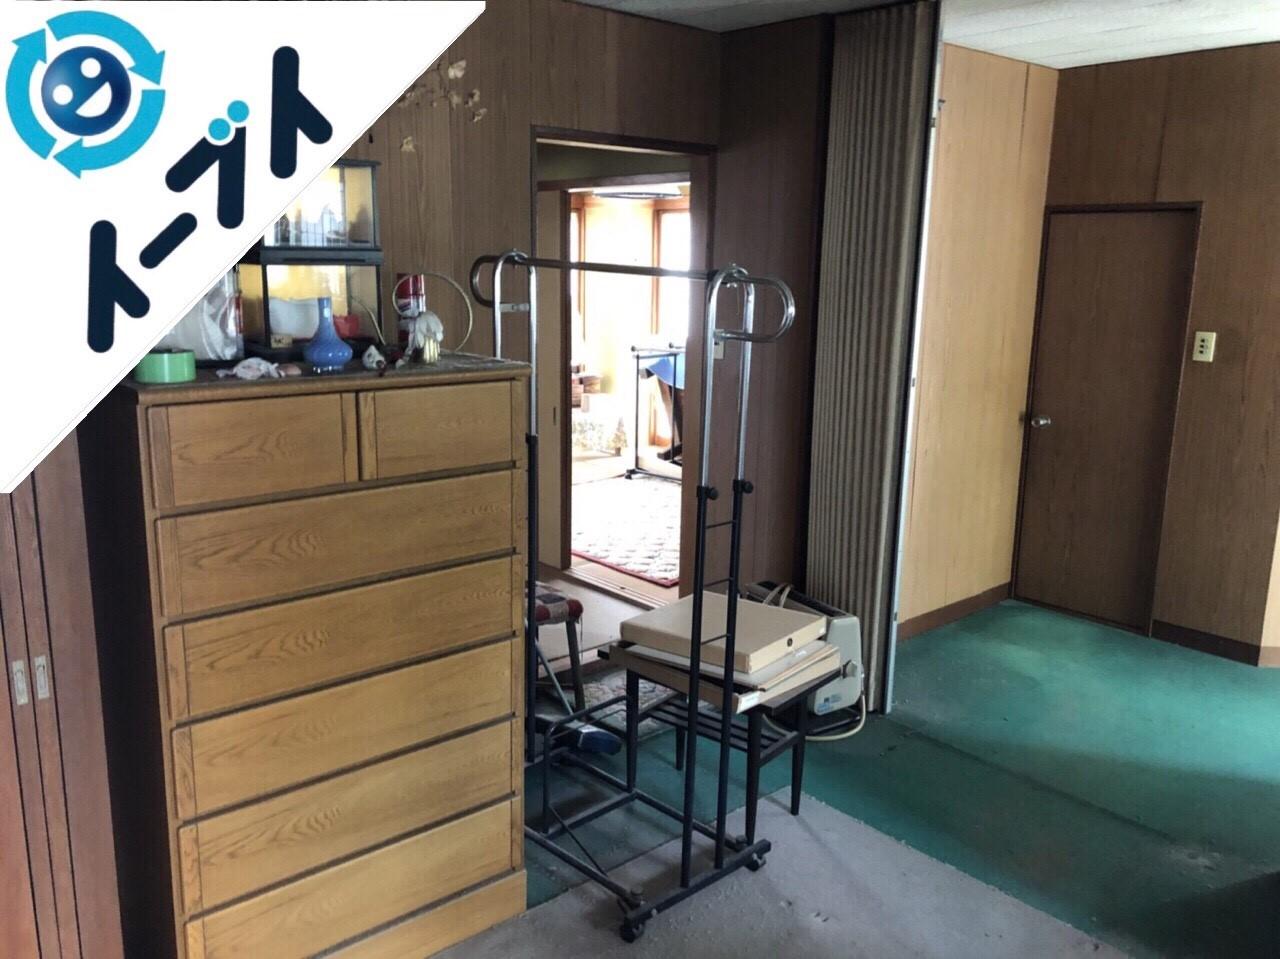 2018年8月14日大阪府大阪市天王寺区でストーブや家具の粗大ゴミの不用品回収をしました。写真1